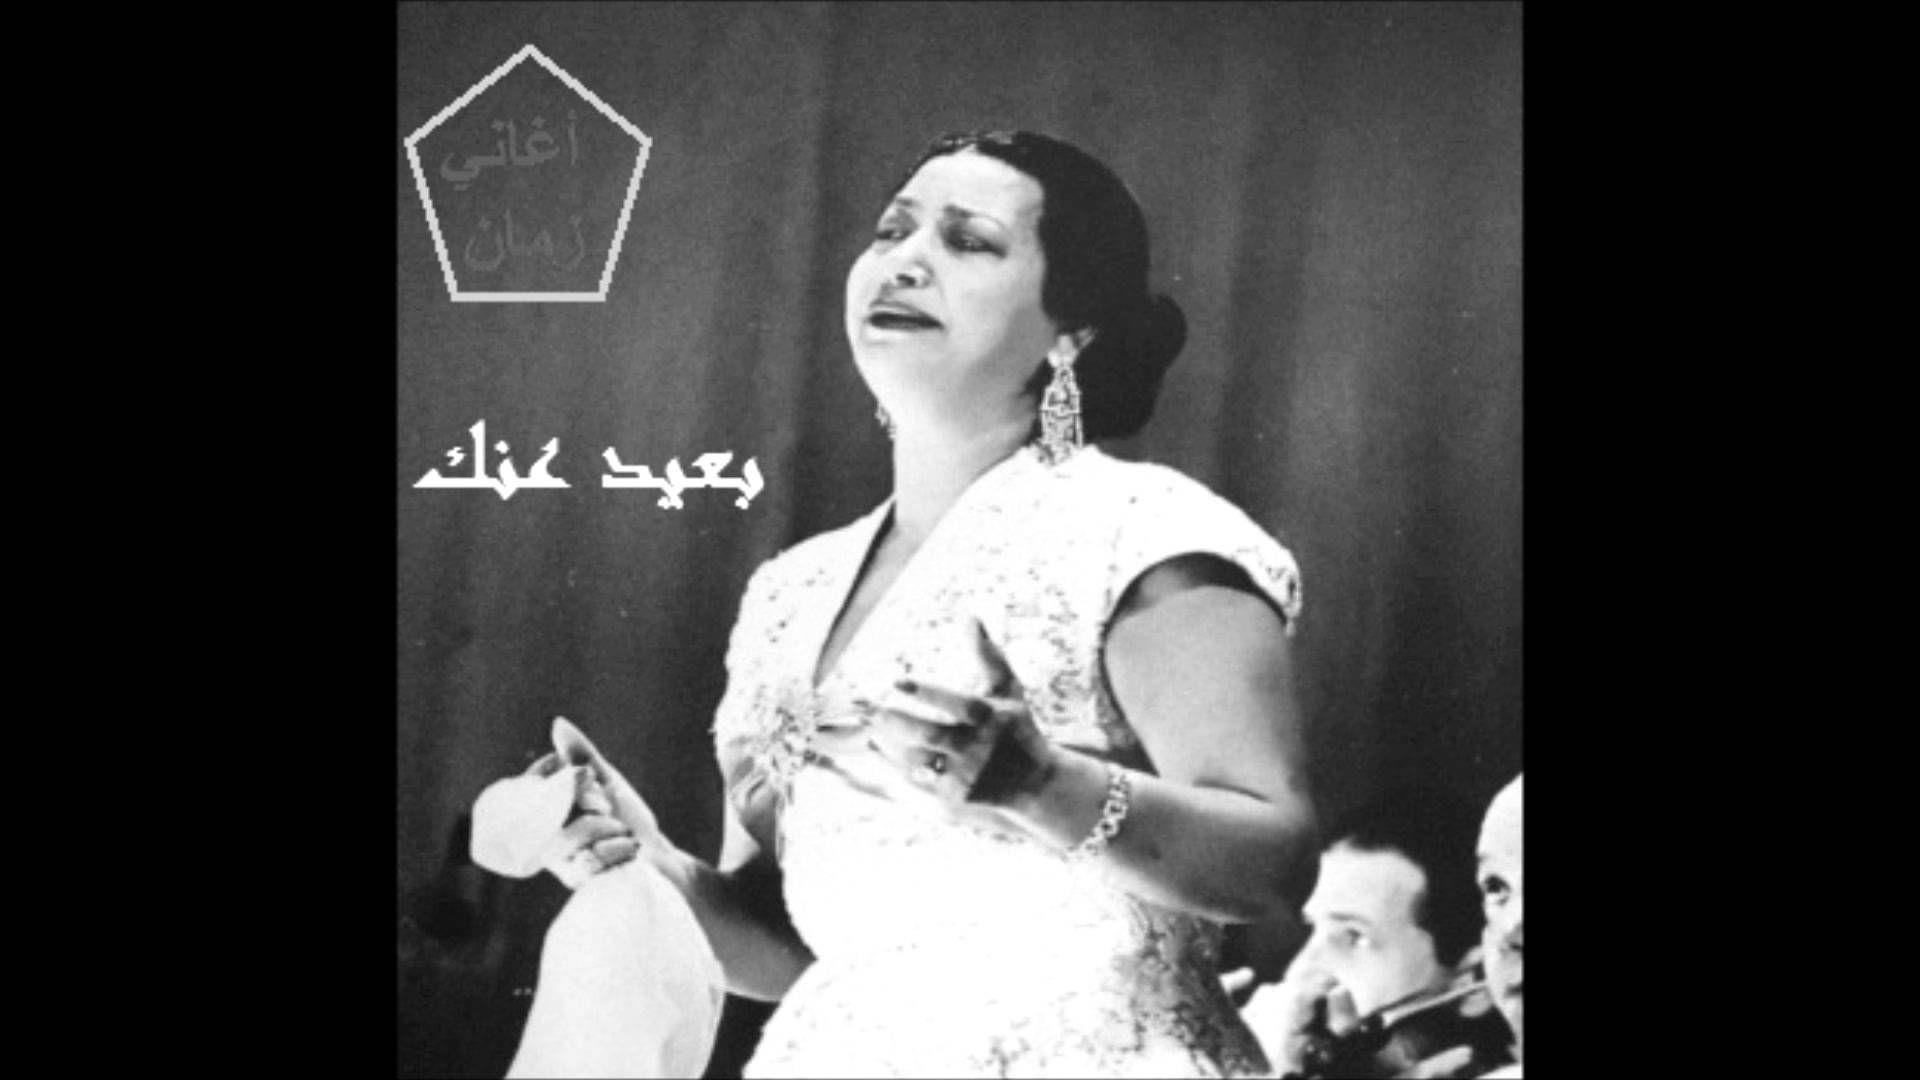 aab168007 ام كلثوم - بعيد عنك - صدى صوت ولا أروع | Oldies are gold(music ...